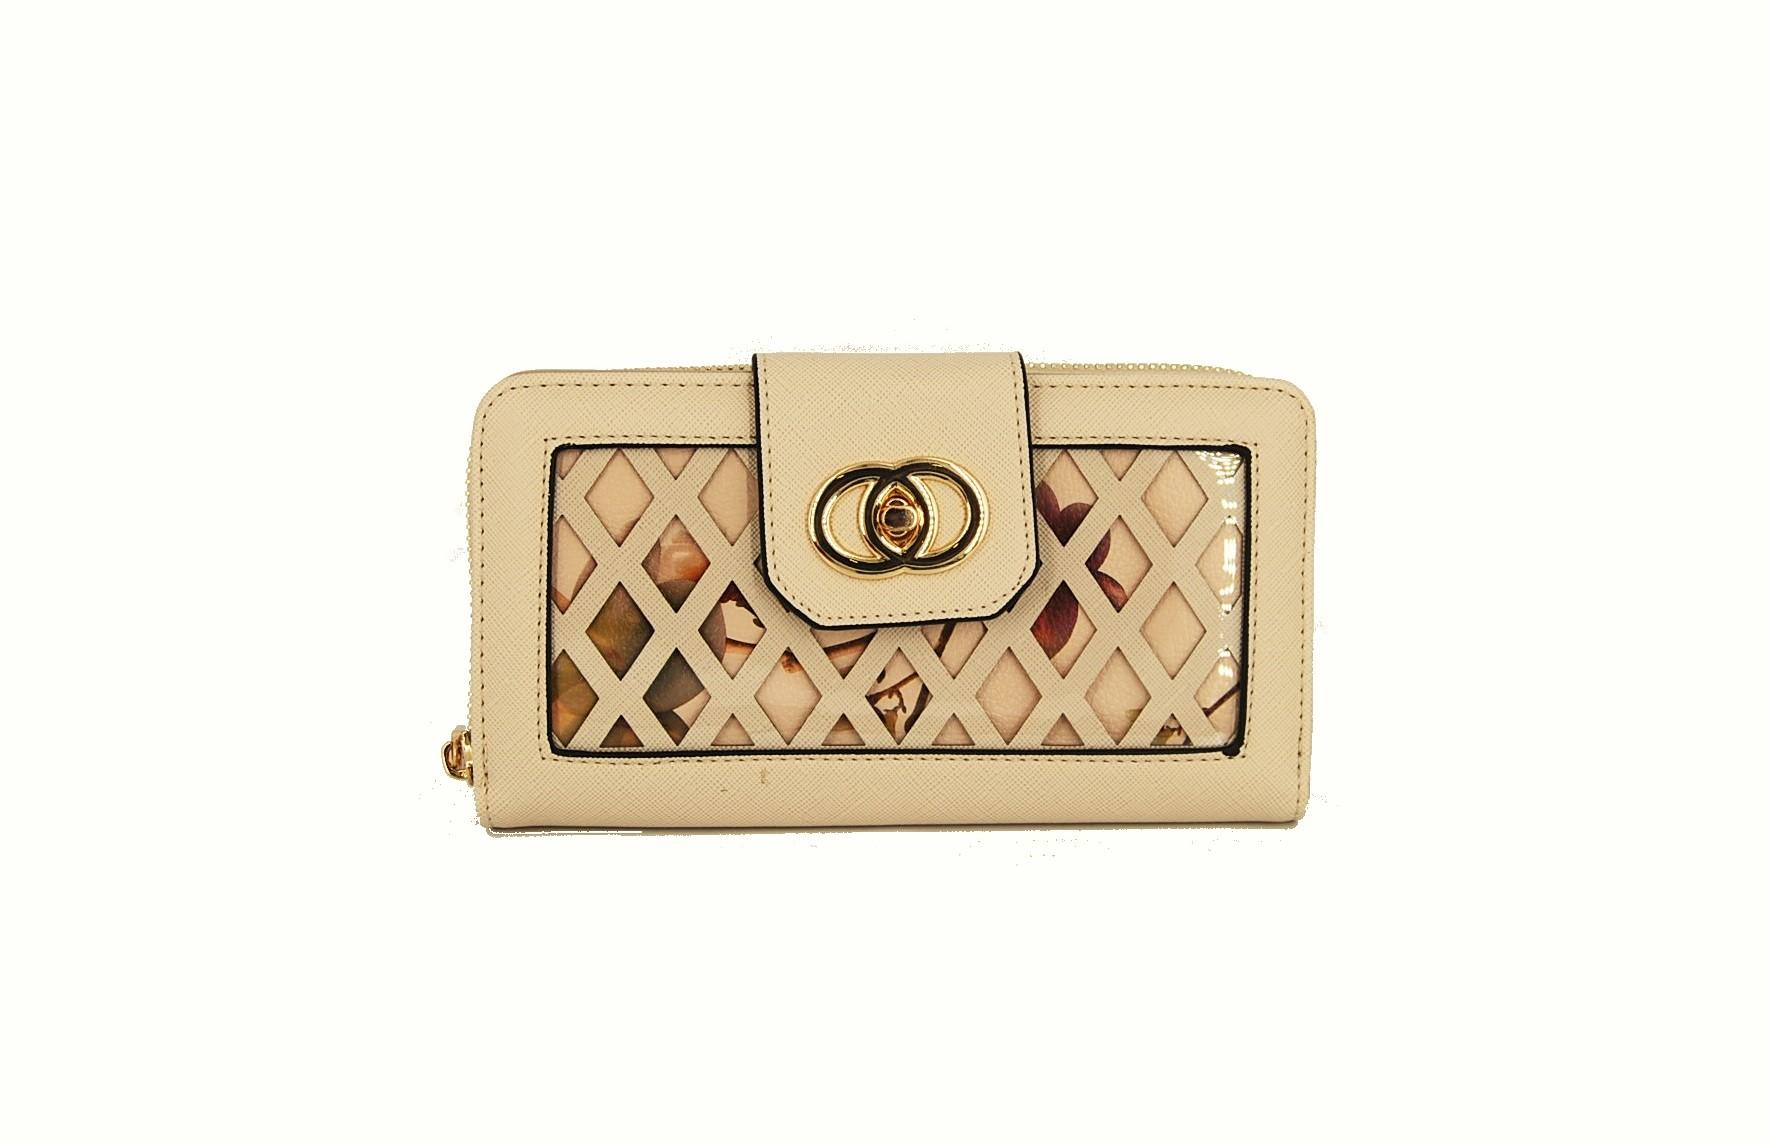 aa1a097d12 Verde πορτοφόλι γυναικείο μπεζ